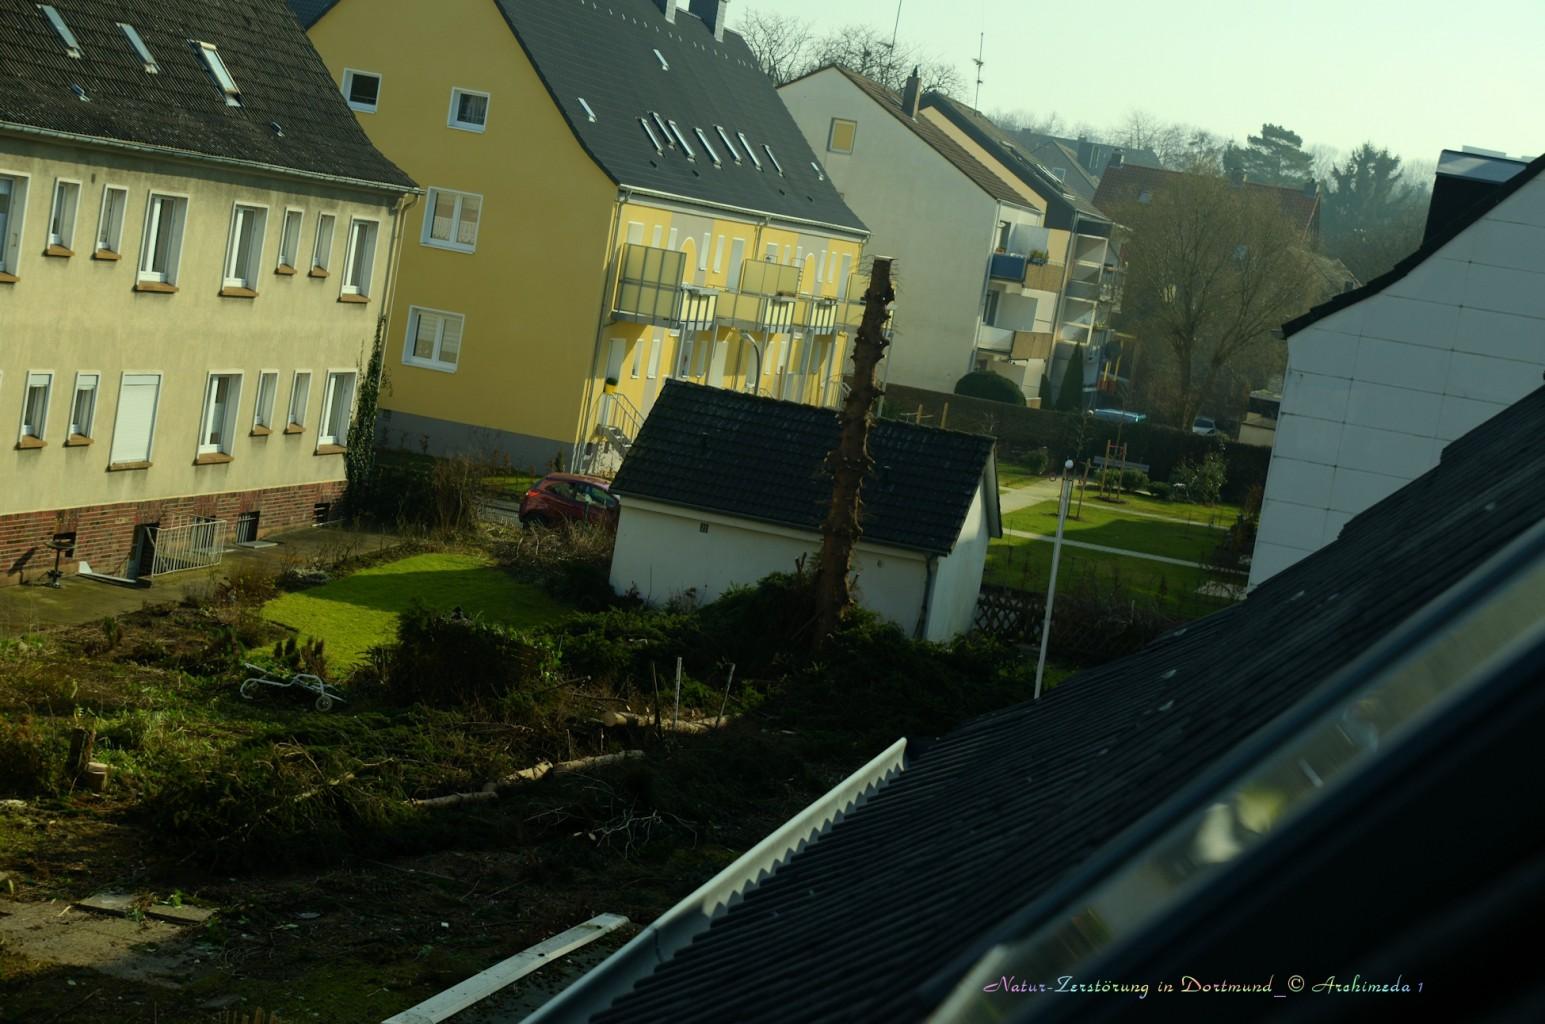 Natur-Zerstörung in Dortmund_© Archimeda 1_3